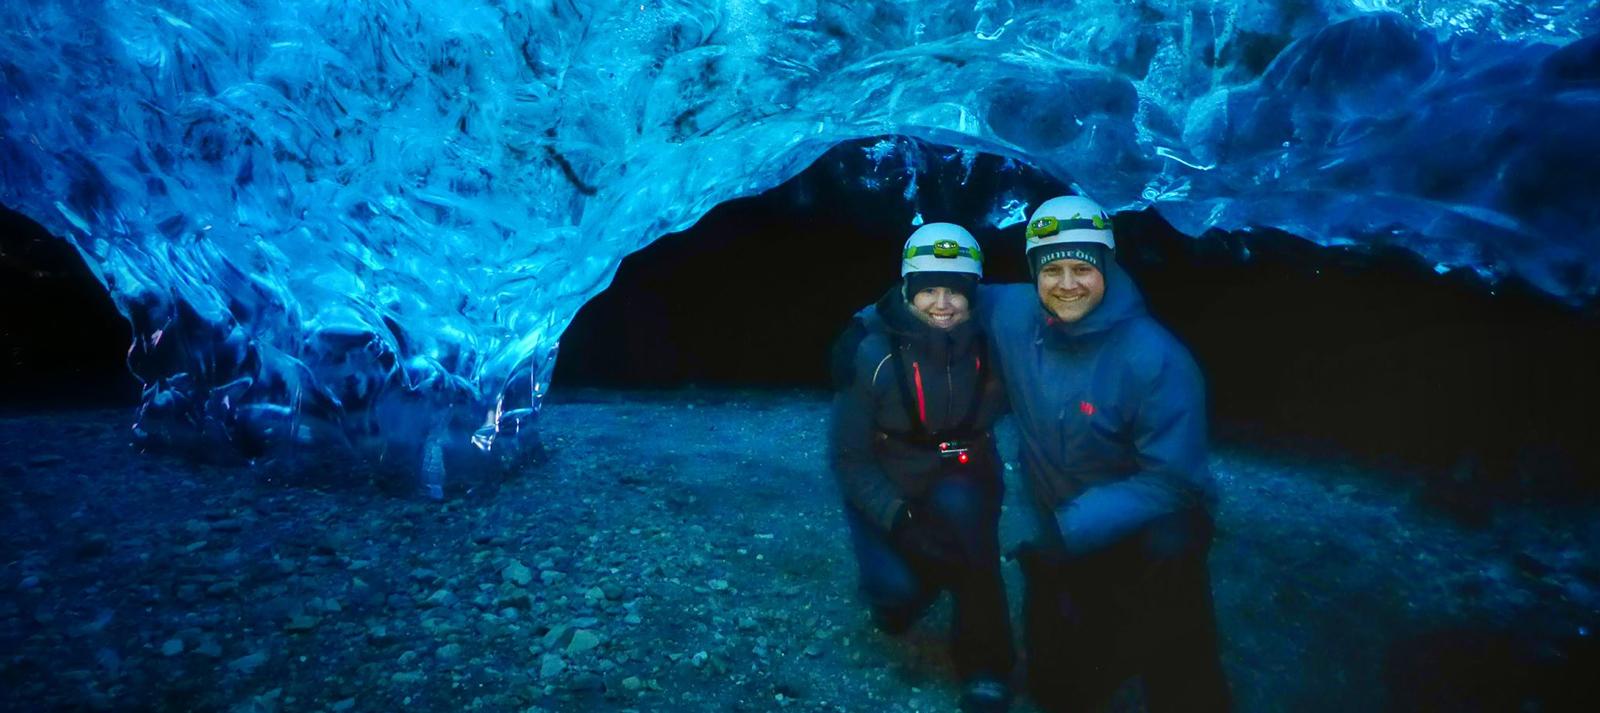 dan-in-iceland